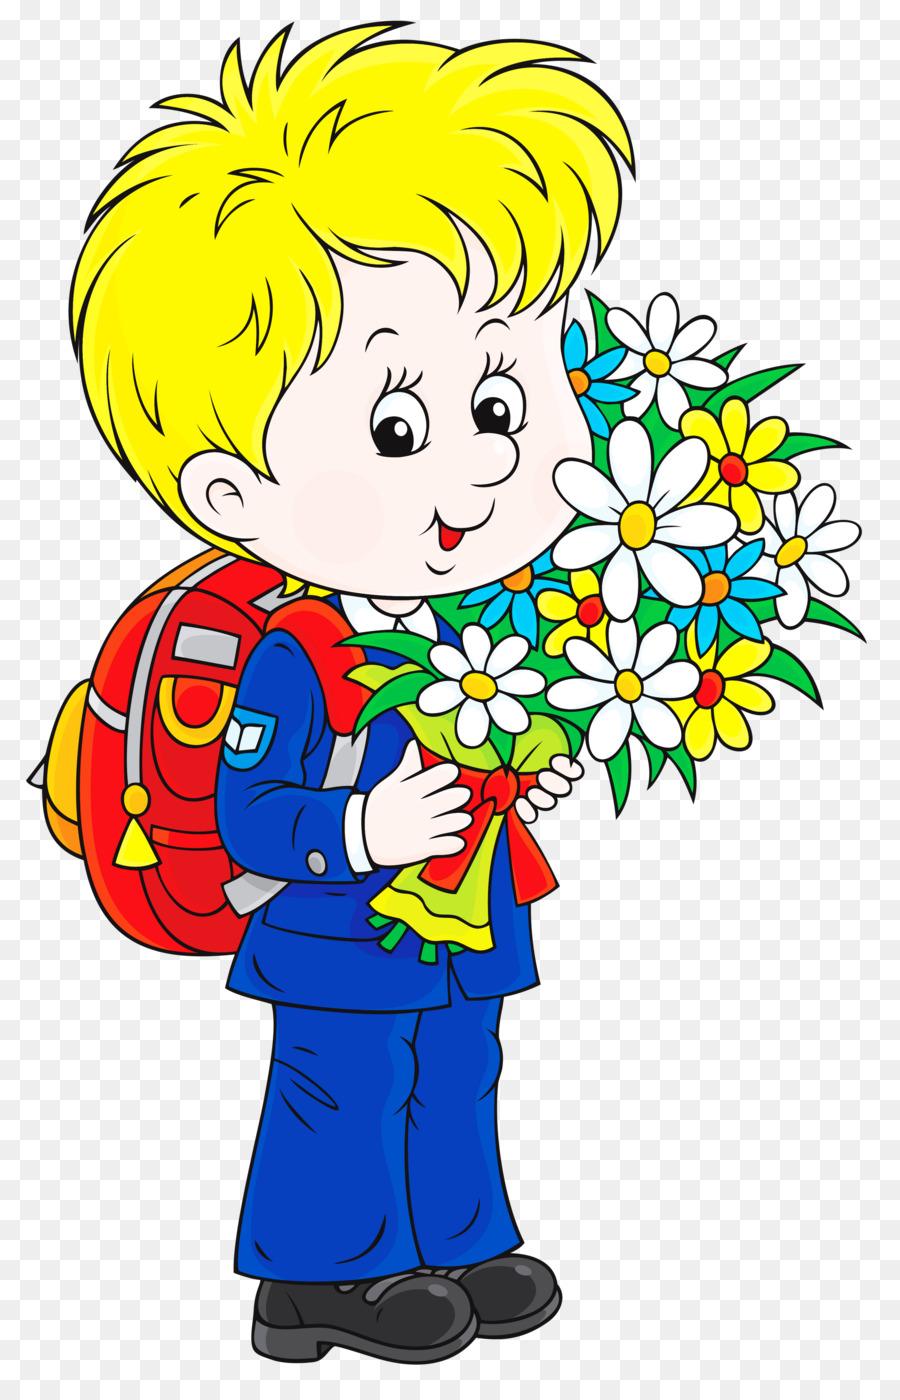 Мальчик с цветами картинки для детей на прозрачном фоне